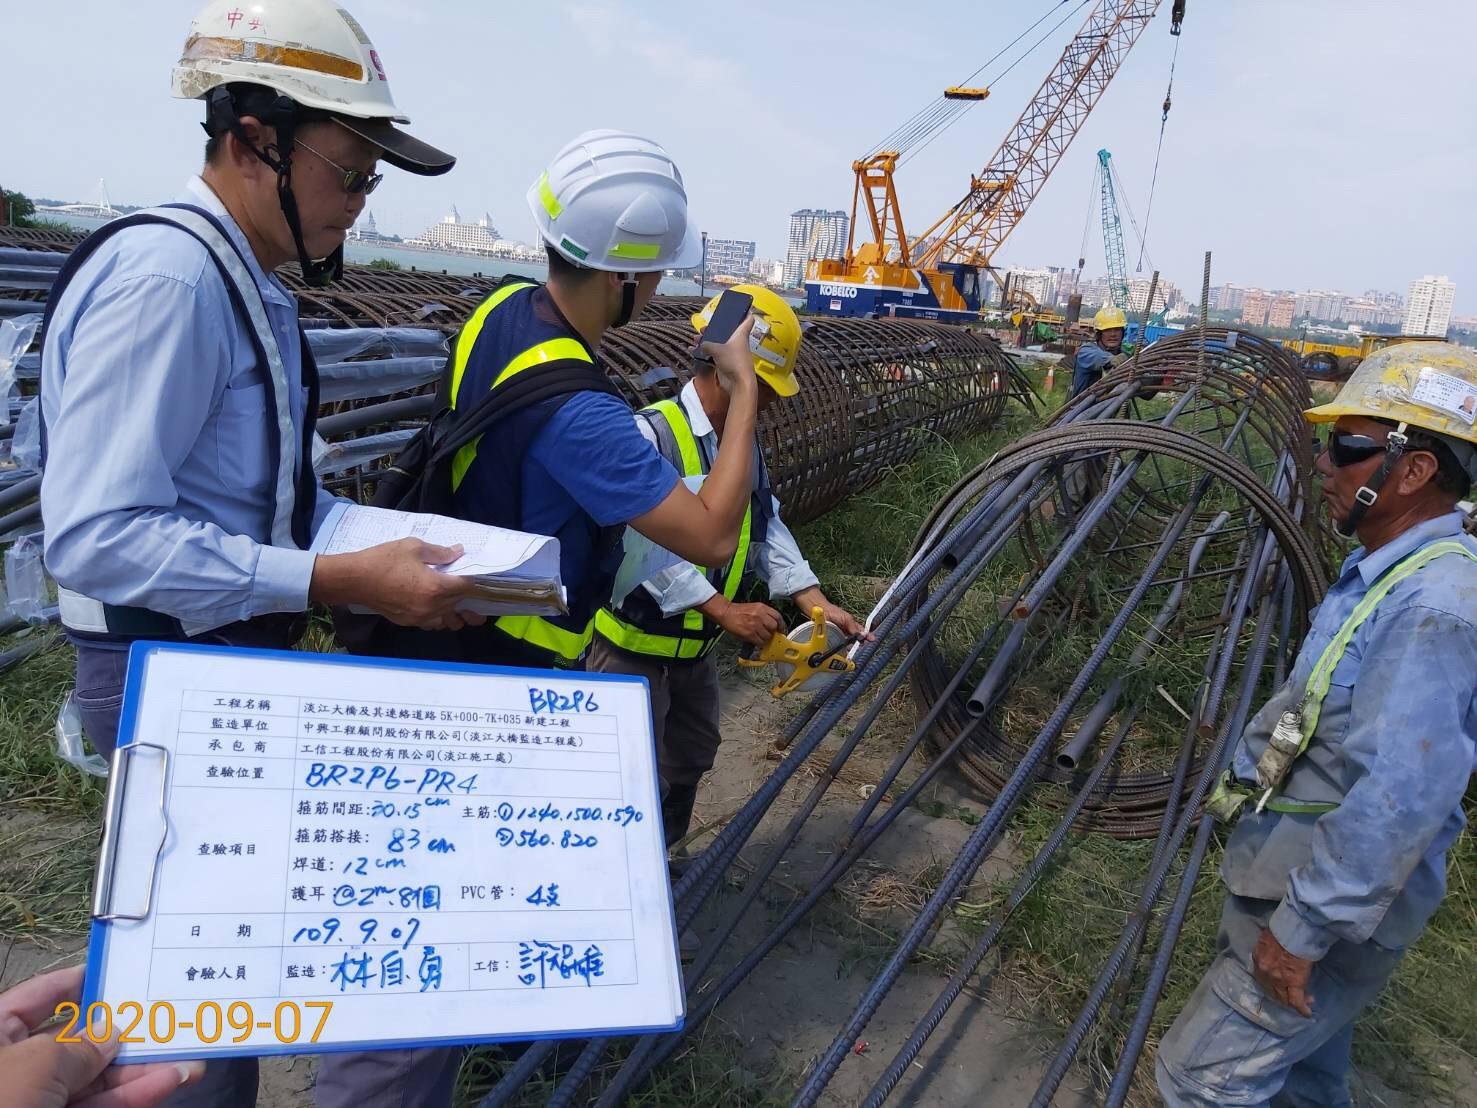 八里端基樁鋼筋籠製作加工完成後查驗